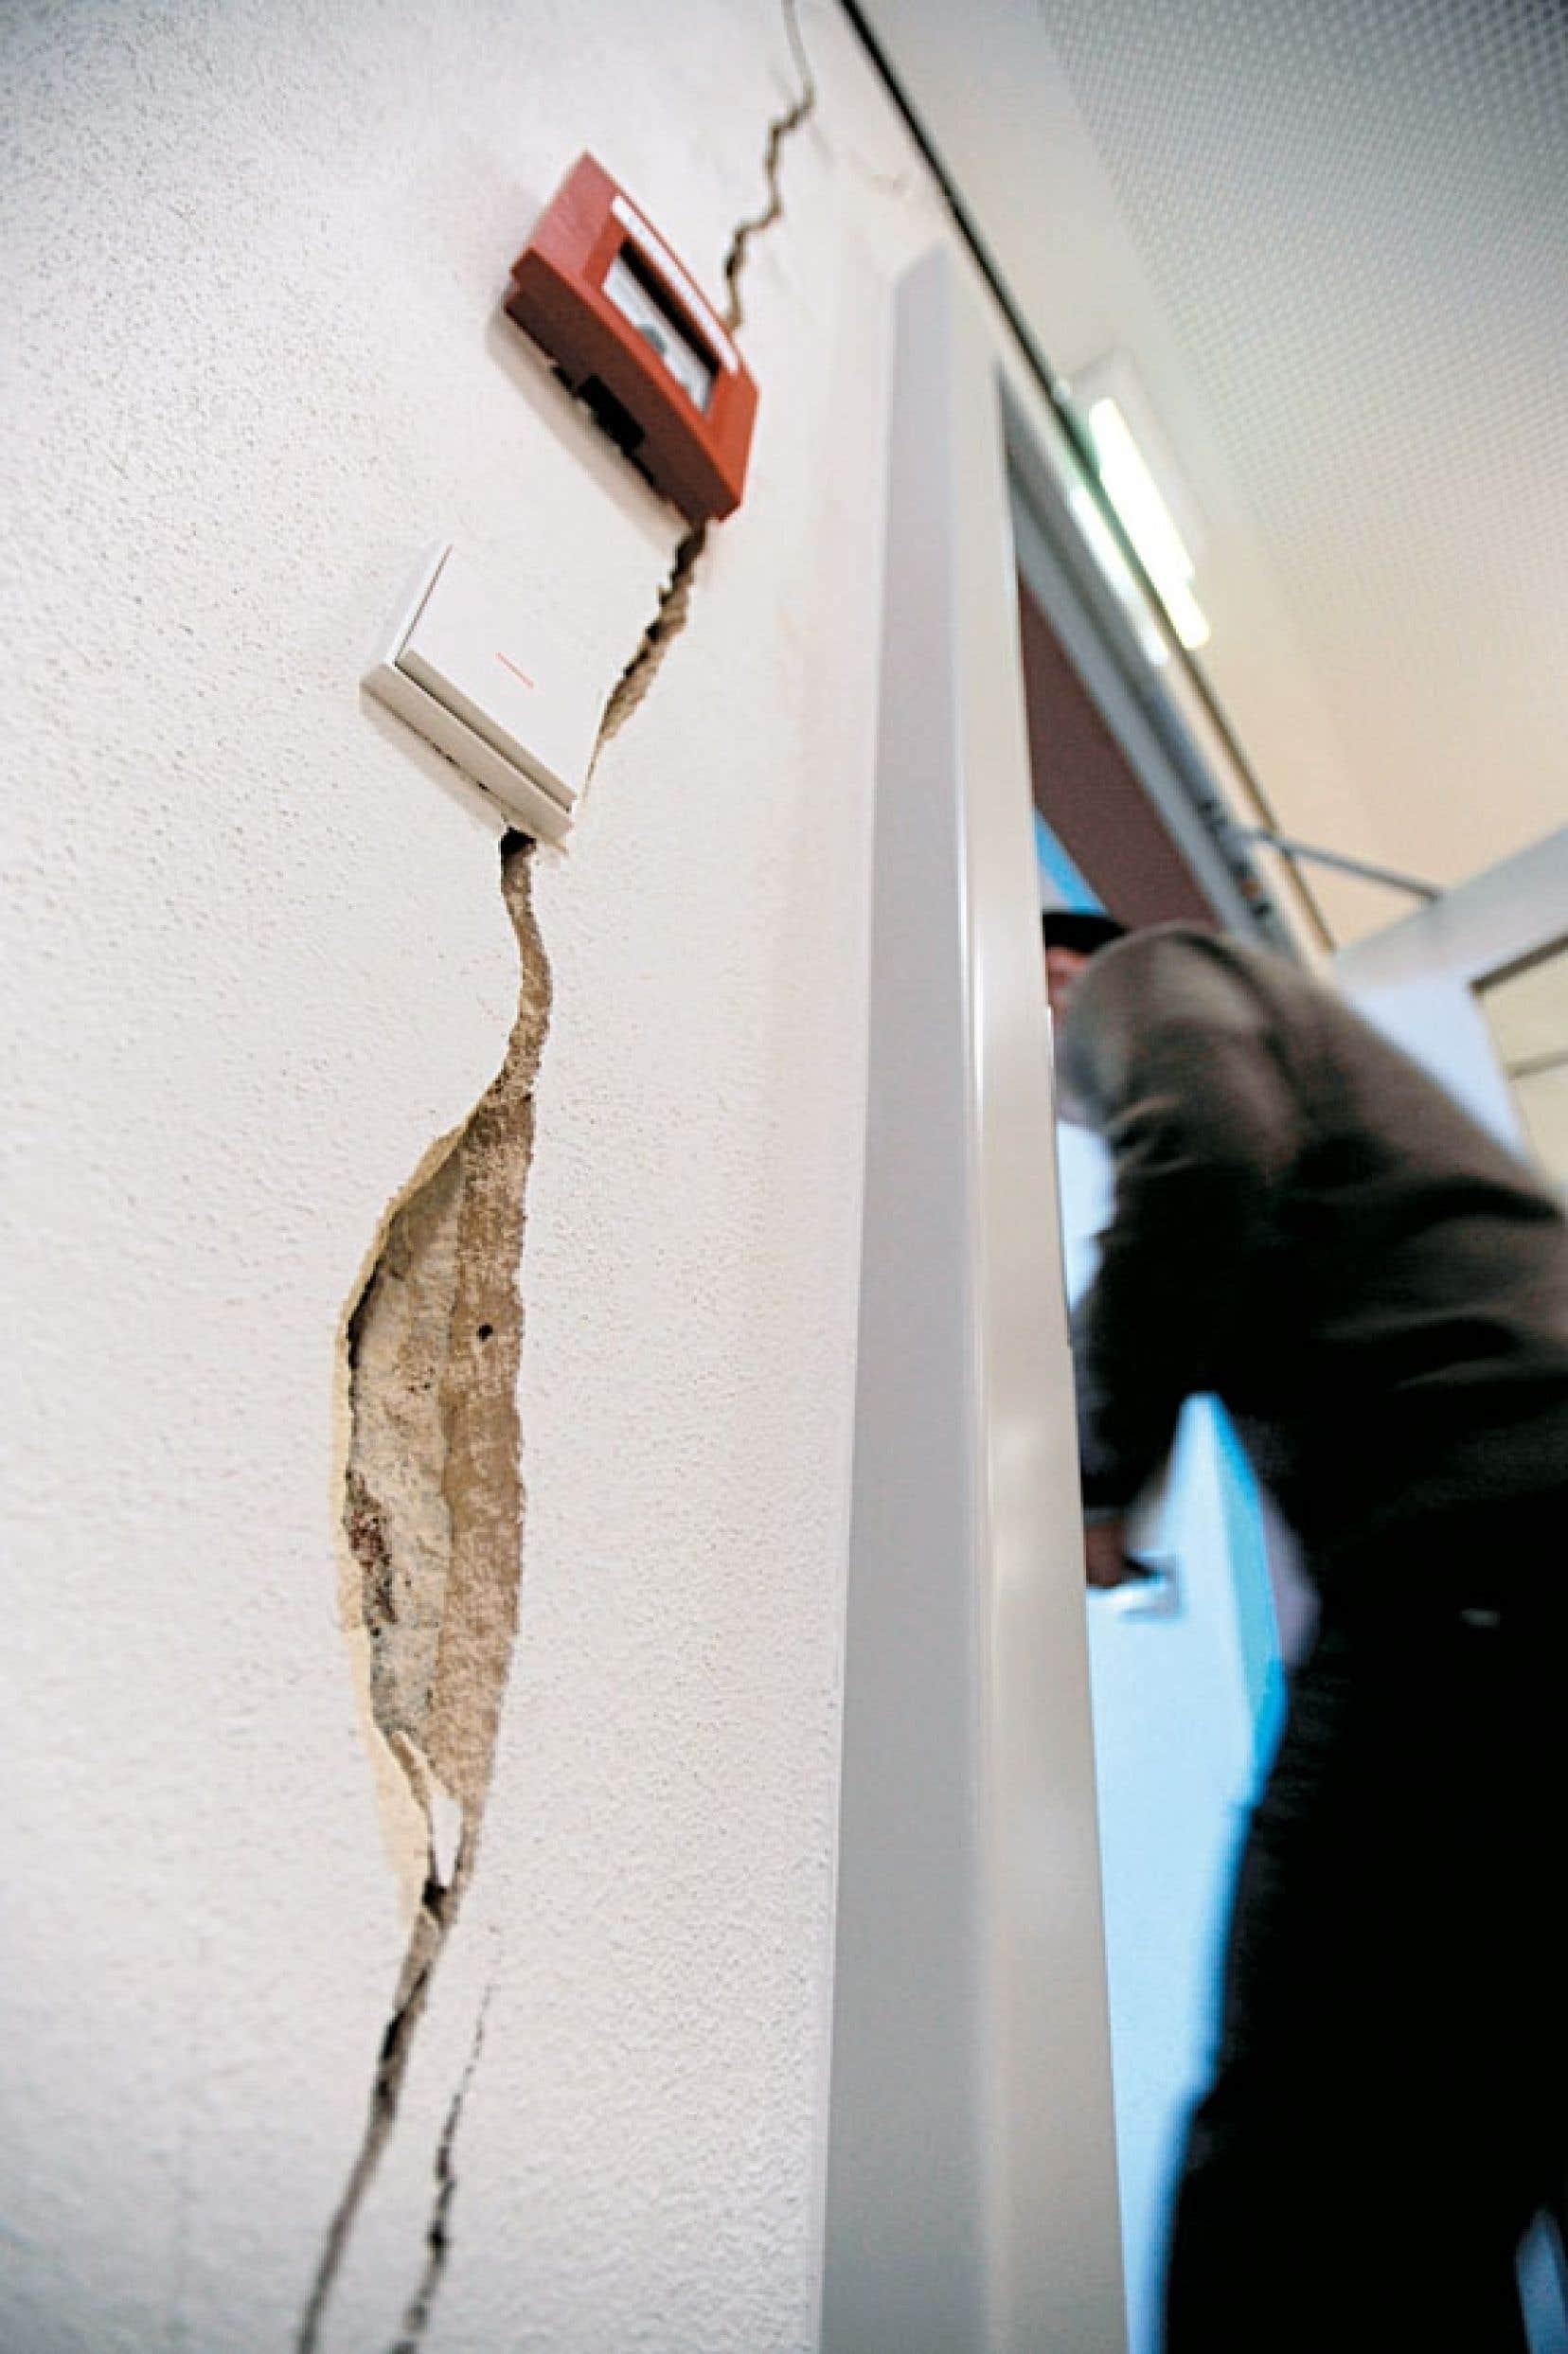 Le radon émerge du sol et s'infiltre dans les habitations par les entrées de service et les fissures dans les fondations.